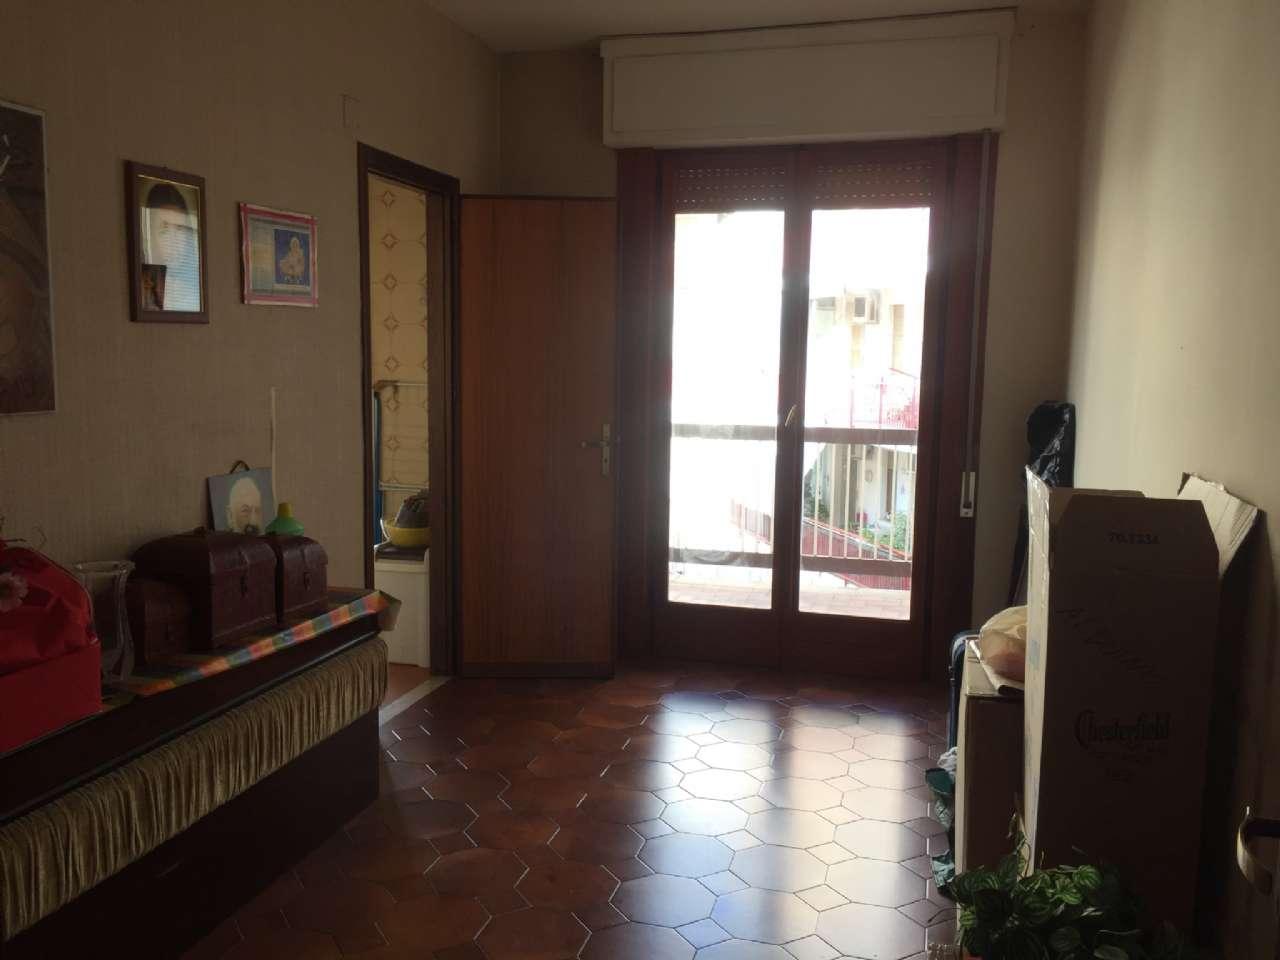 Quadrilocale, Via Ercole Bernabei, zona Malaspina, Palermo, foto 5